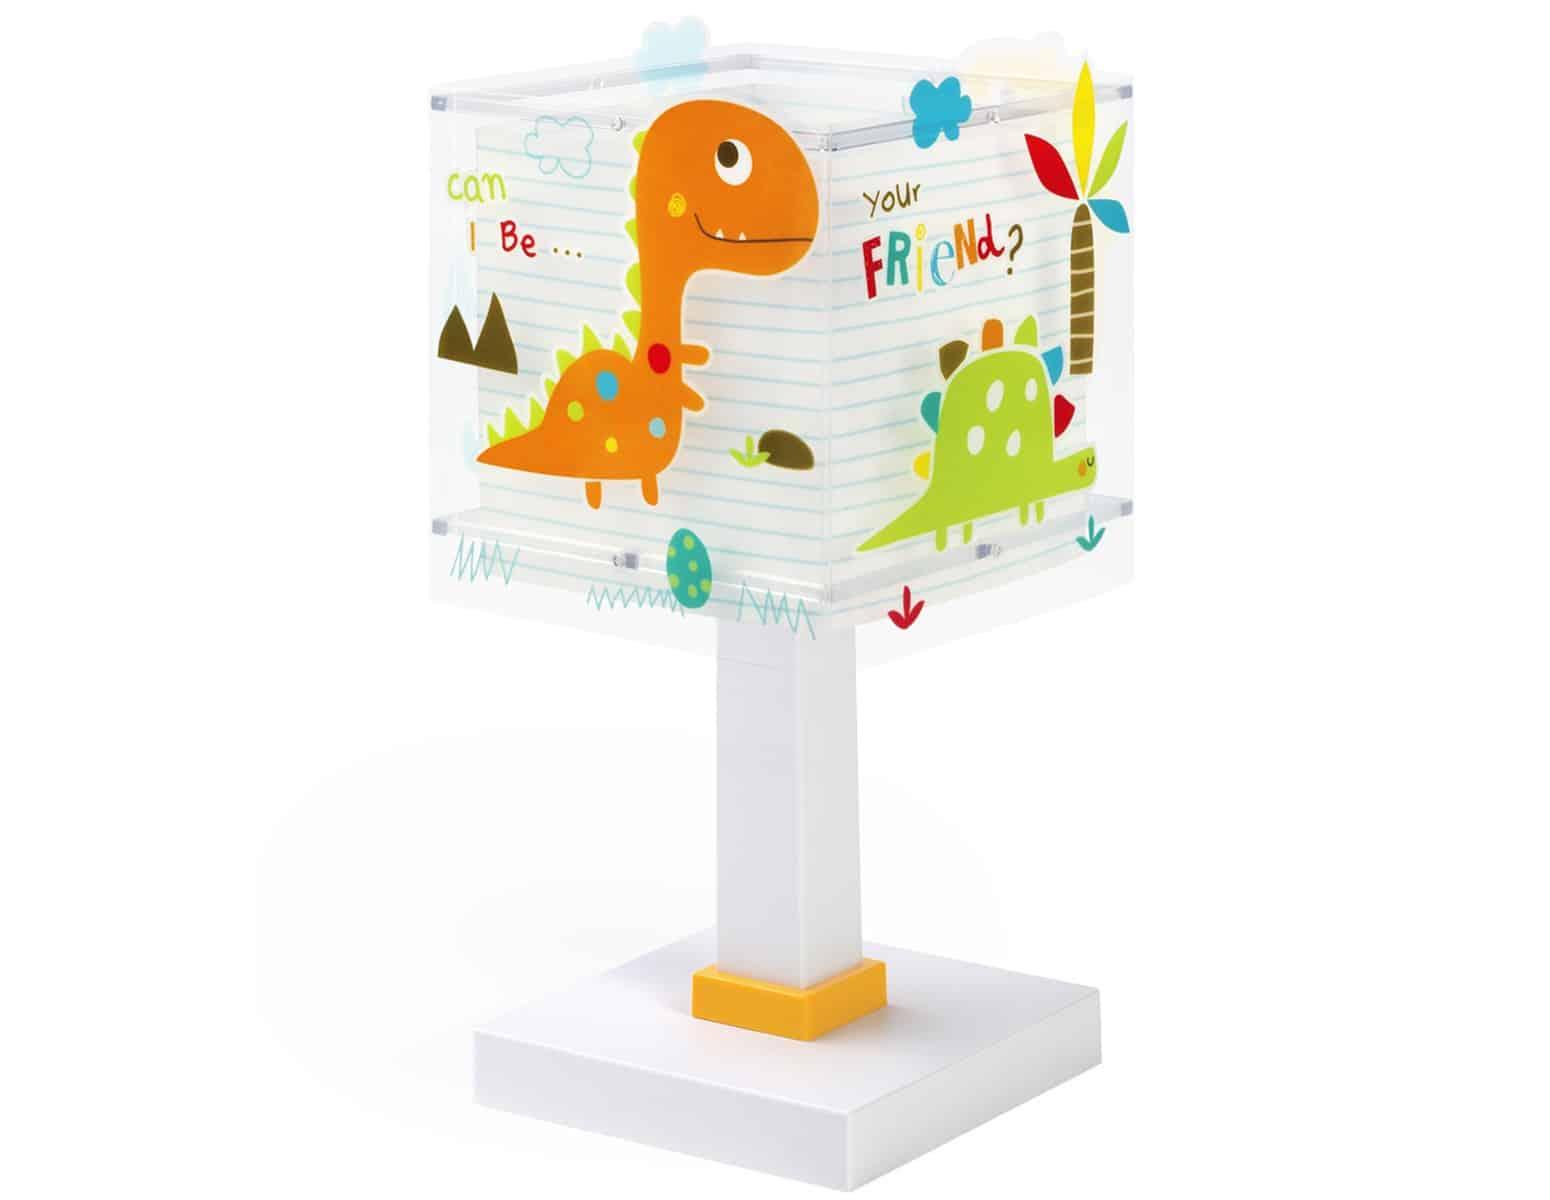 Επιτραπέζιο Φωτιστικό Dinos Ango 14x14x29εκ. 73451 (Υλικό: Πλαστικό) – ango – ANGO_73451